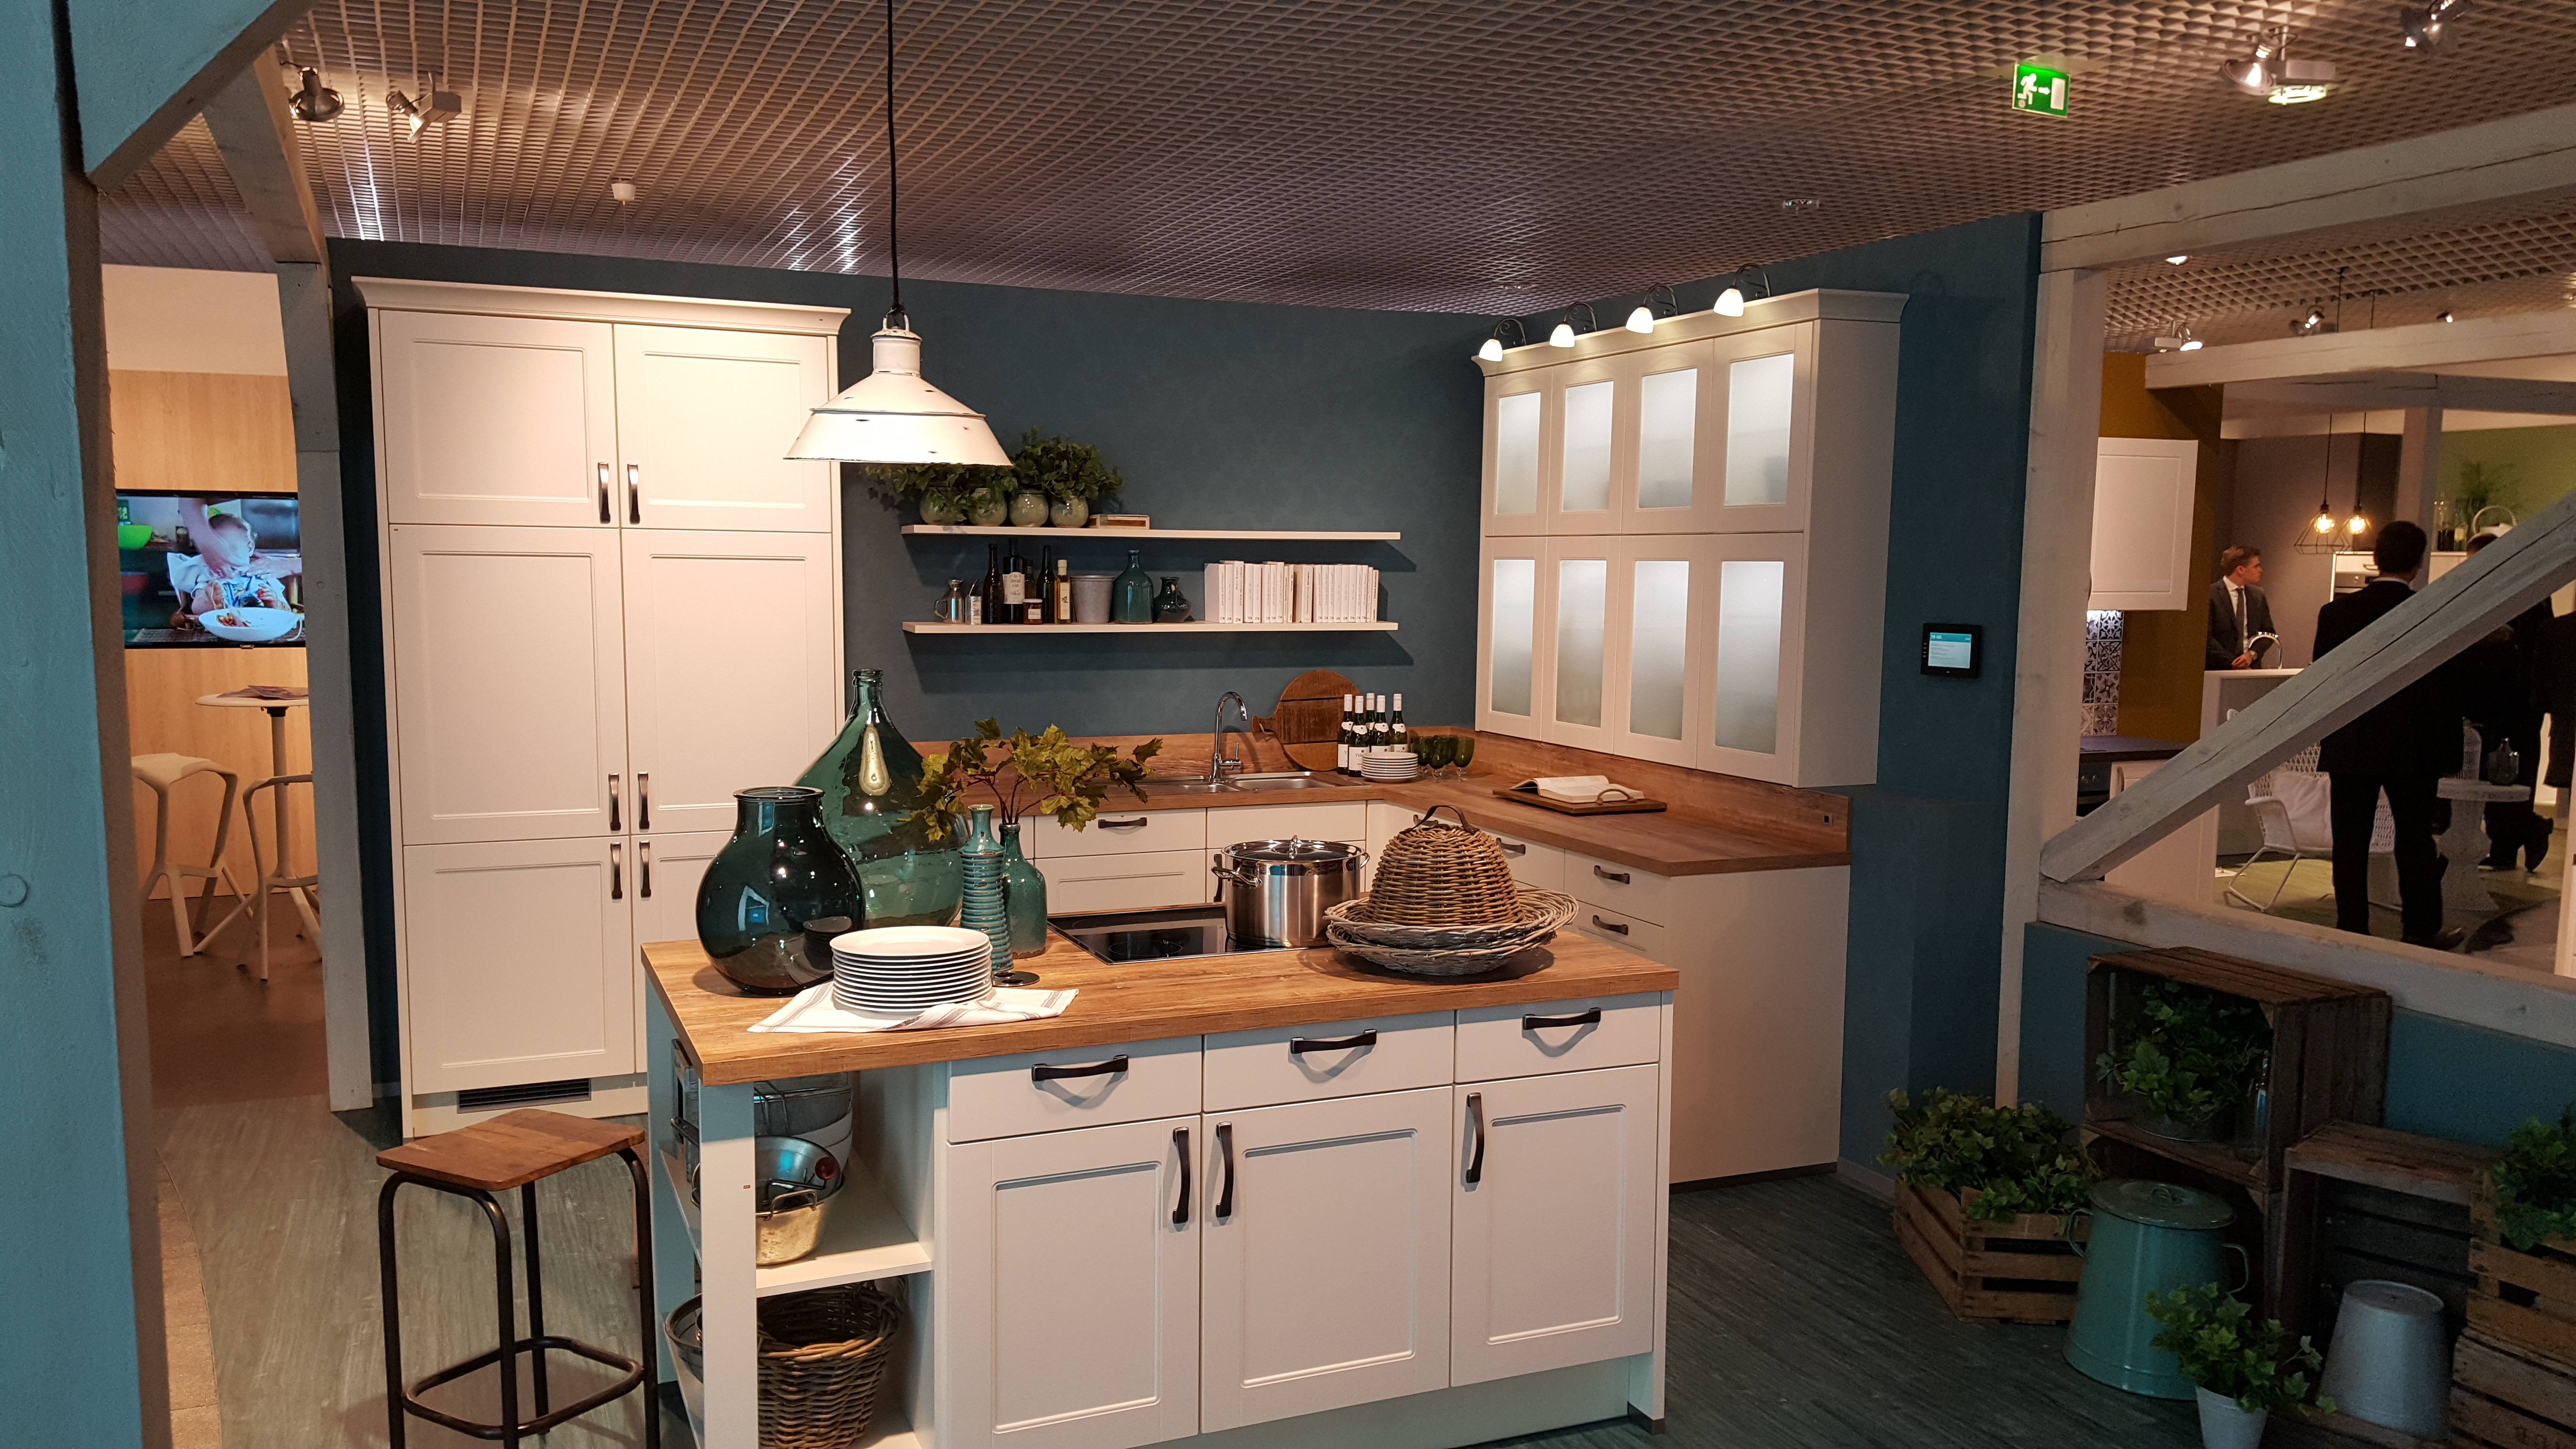 Keuken ontwerpen gratis in 3d wilka keukengroothandel for Keuken zelf ontwerpen